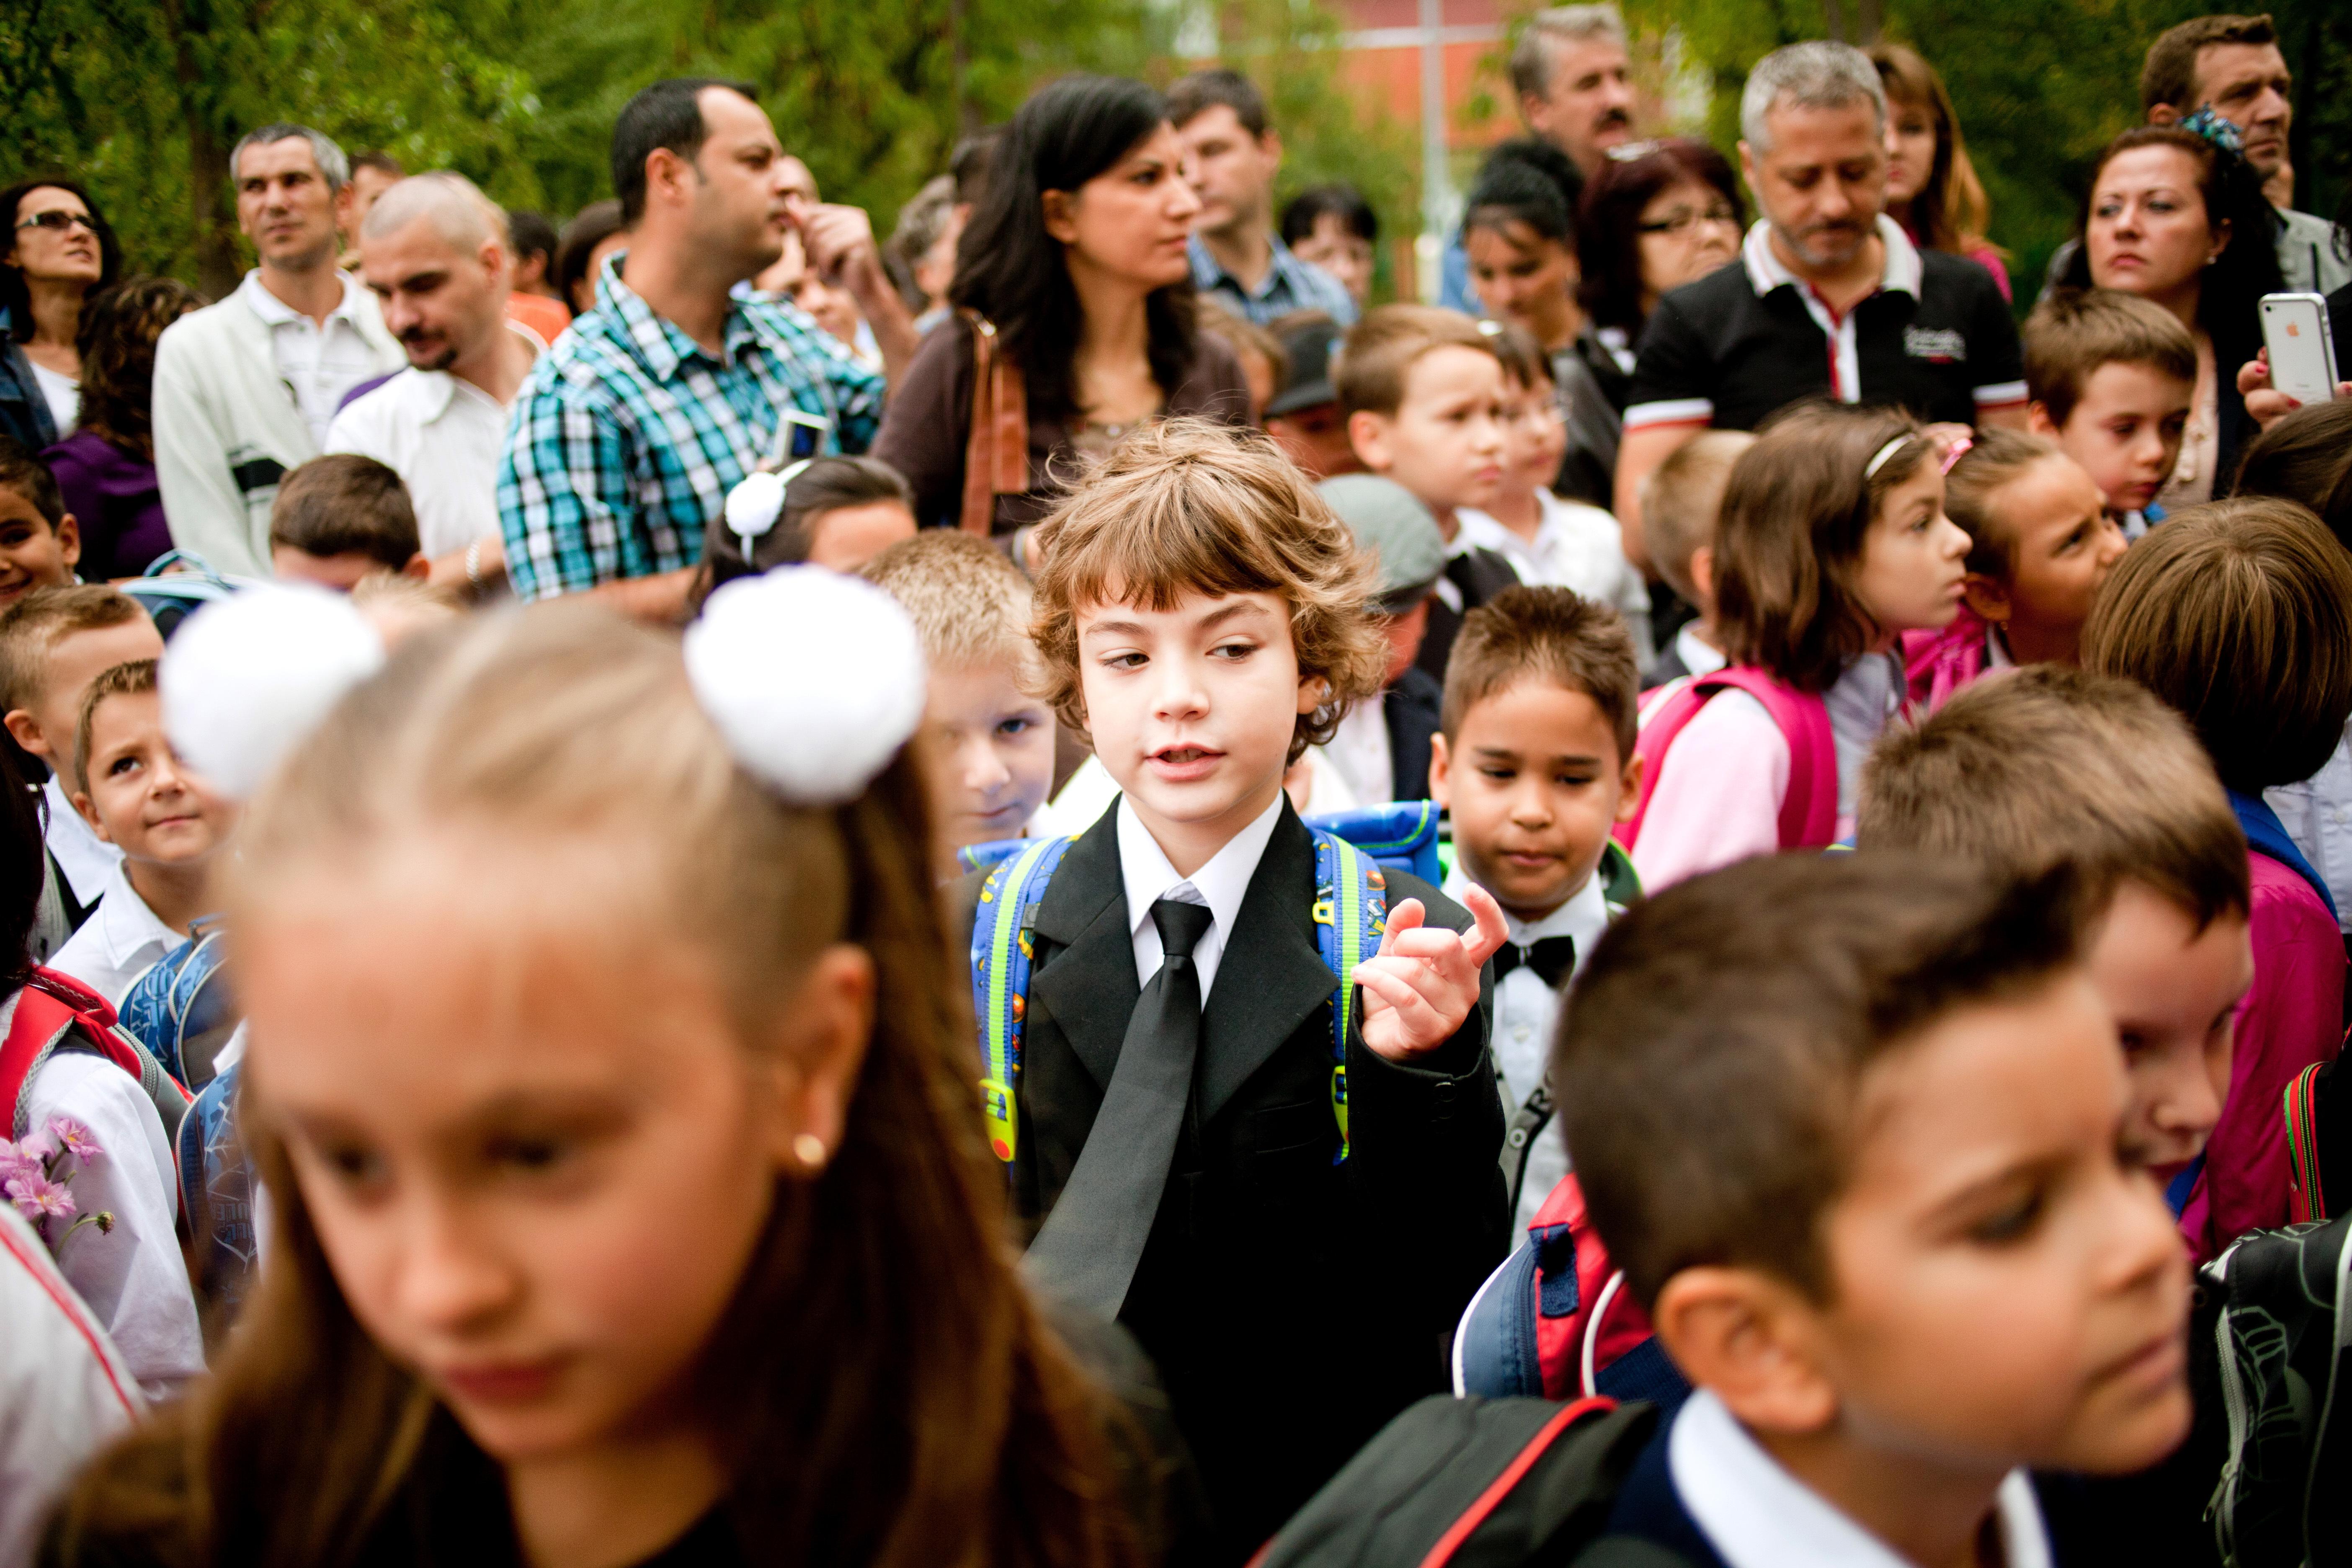 """Cum răspund profesorii la supraaglomerarea din şcoli: Steluţa Vlad, directoarea unei şcoli din sectorul 1: """"Avem doar doi profesori şi 72 de copii înscrişi"""""""